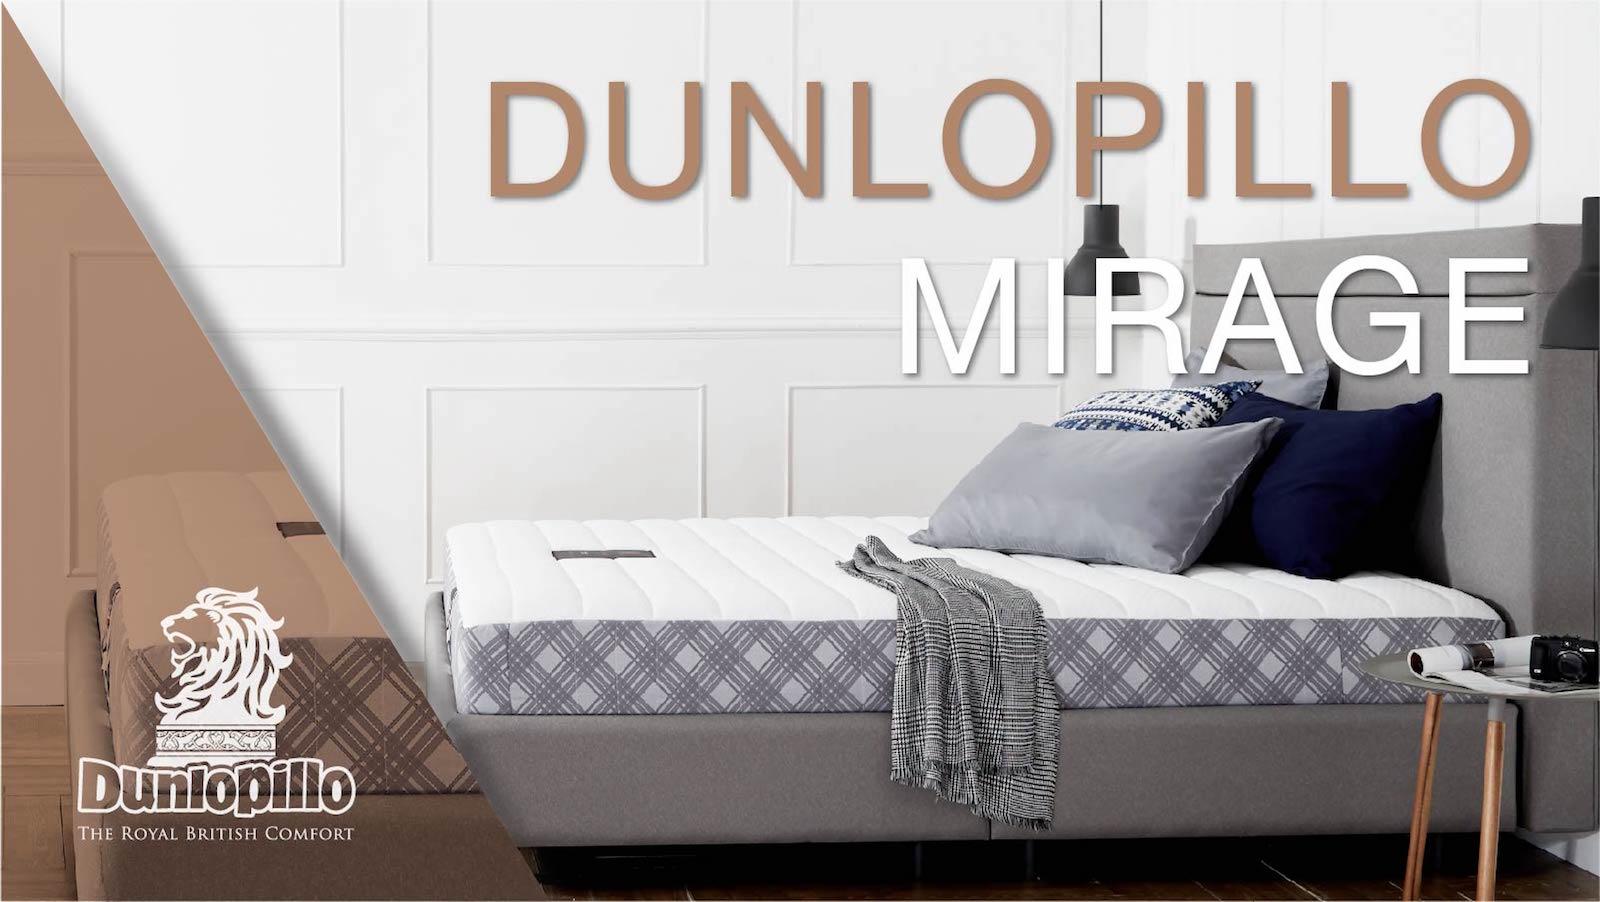 ที่นอน Dunlopillo รุ่น Mirage